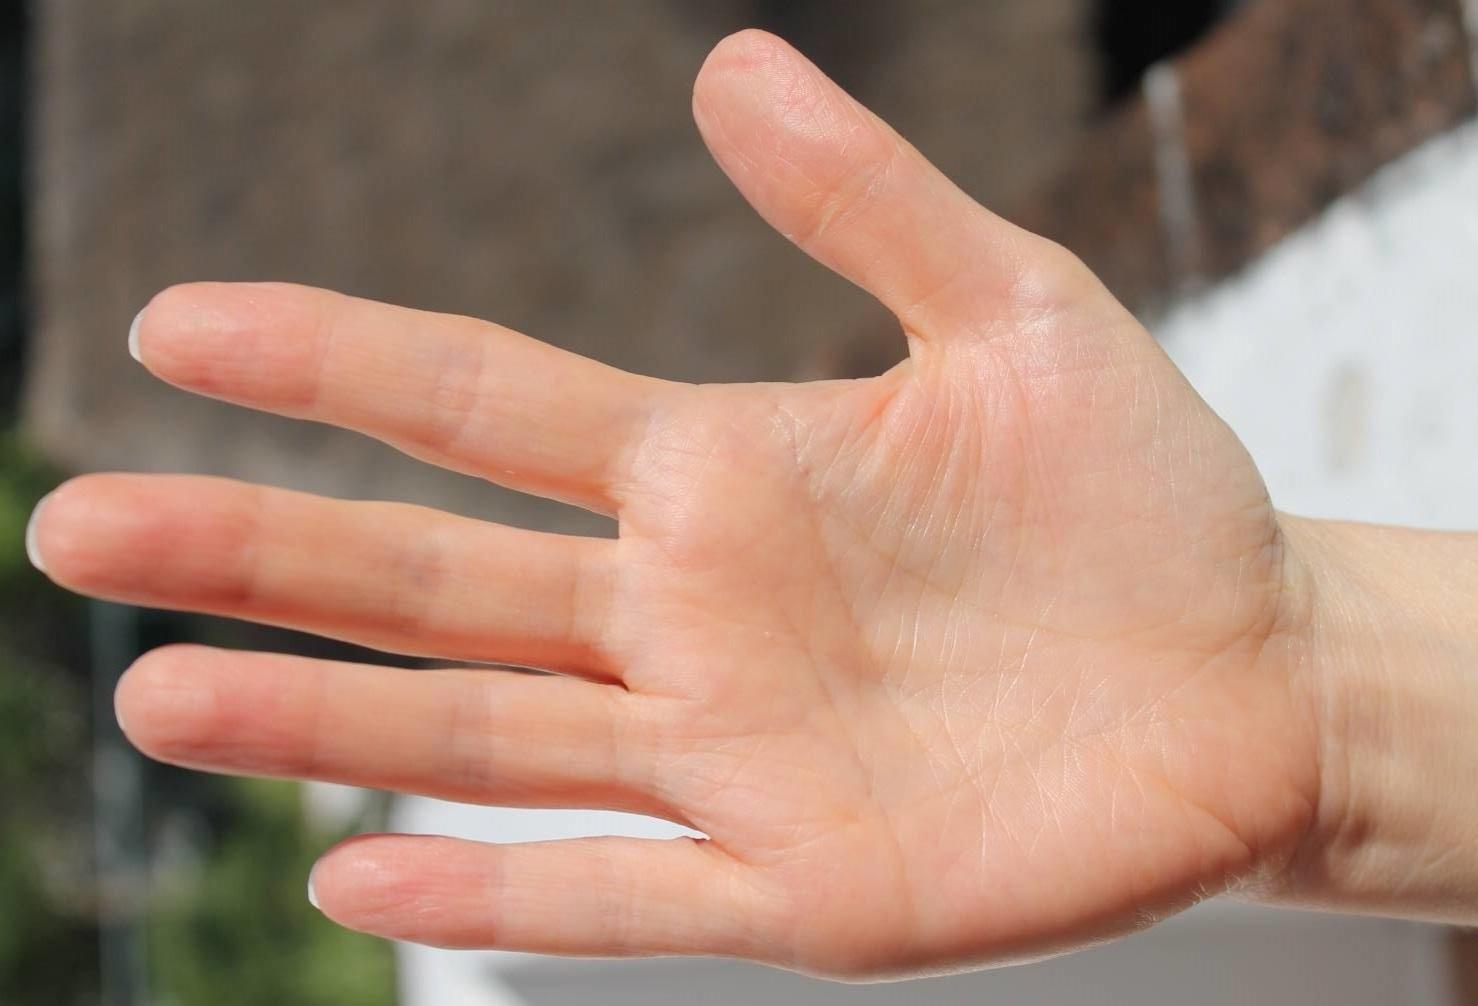 лфк при гемартрозе локтевого сустава